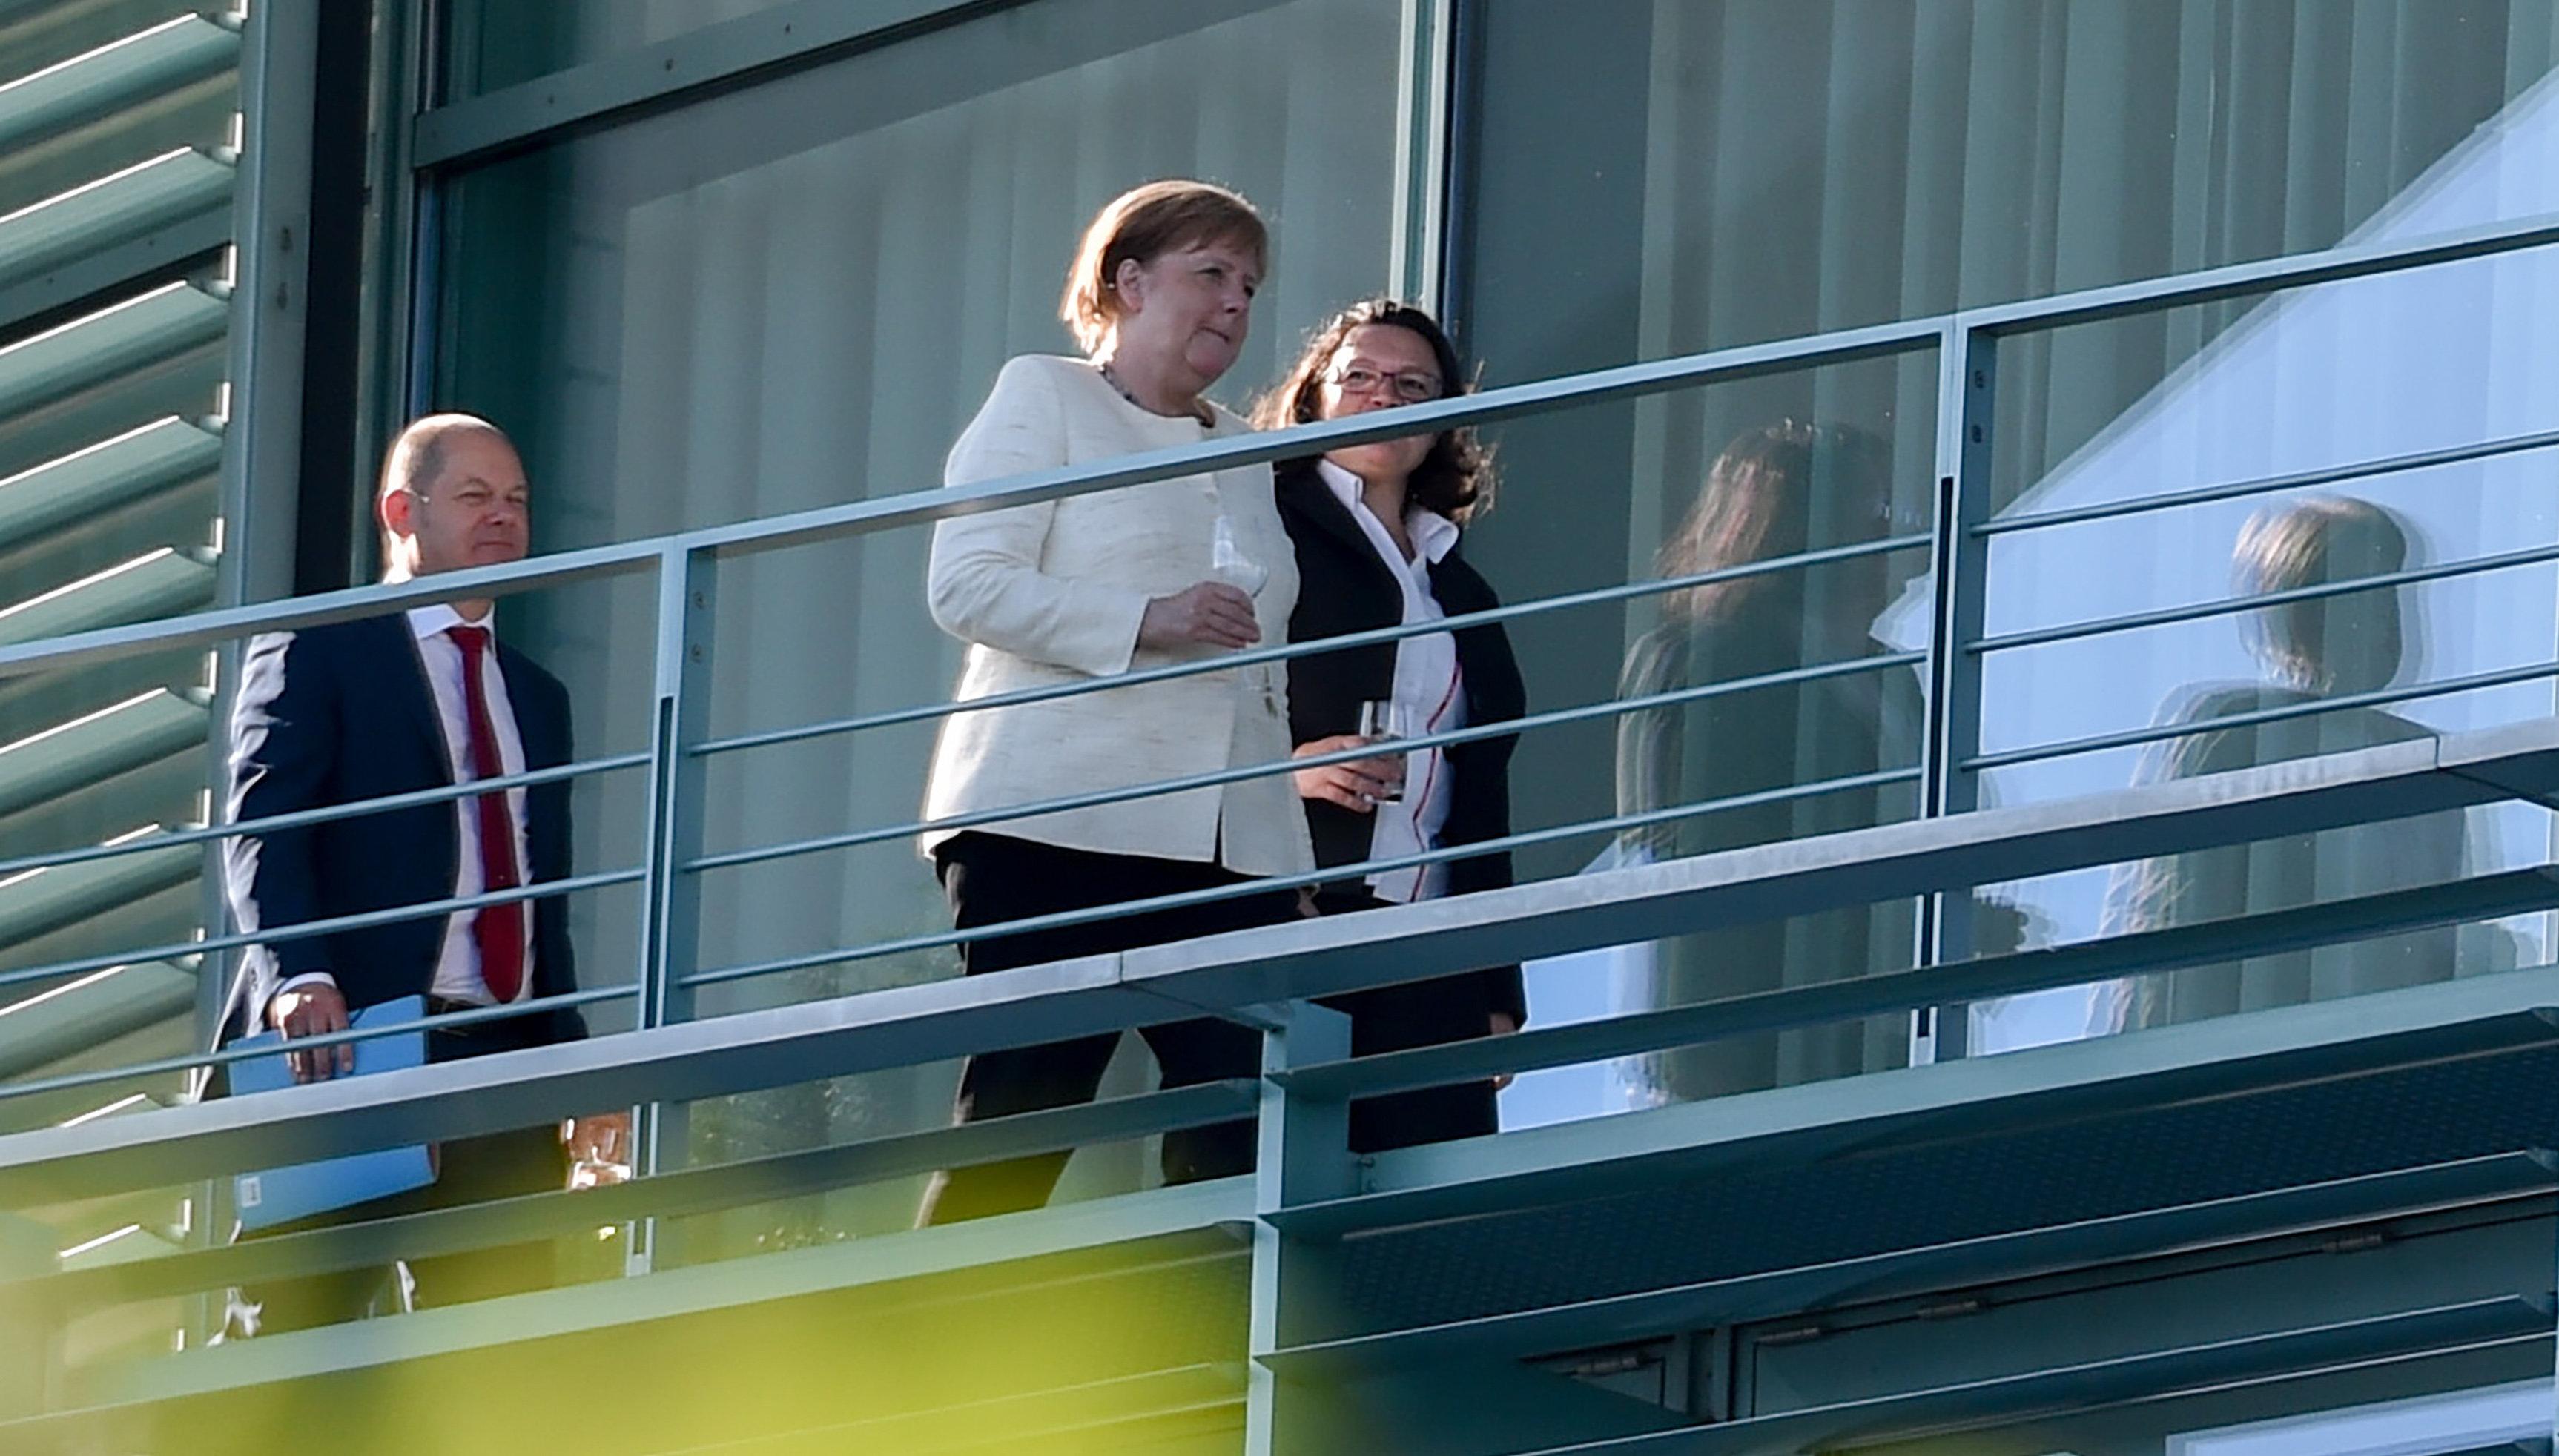 Τα άλυτα προβλήματα της Μέρκελ. Το SPD απορρίπτει κλειστά κέντρα προσφύγων και απειλεί να αποχωρήσει...